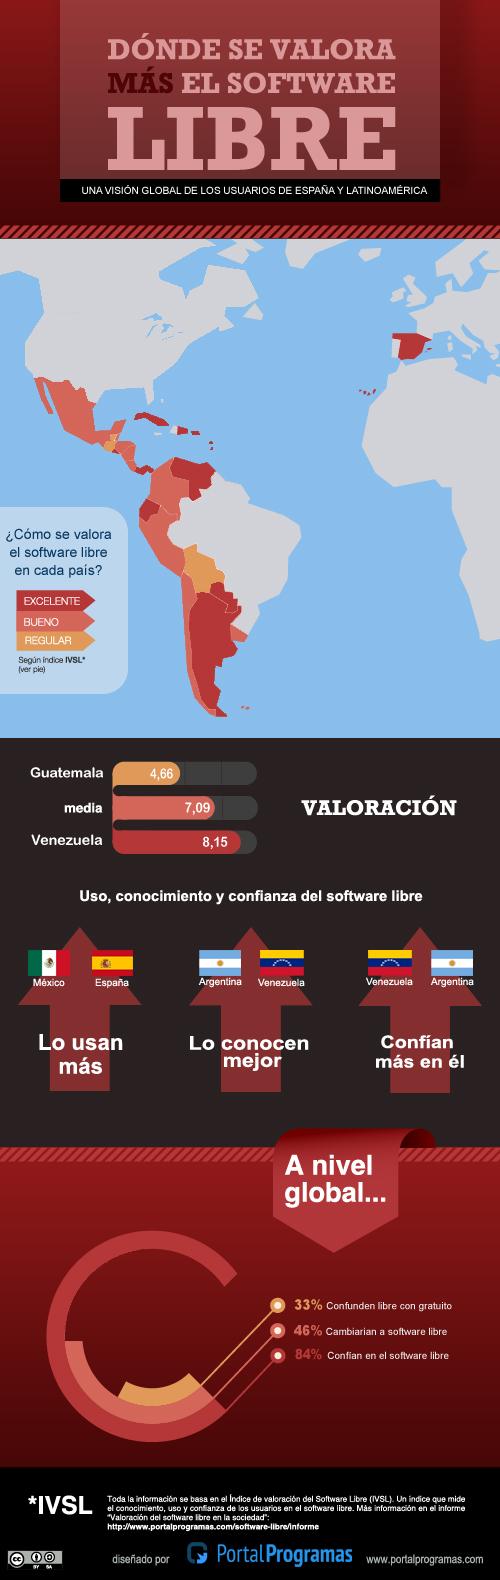 Los países donde se valora más el software libre